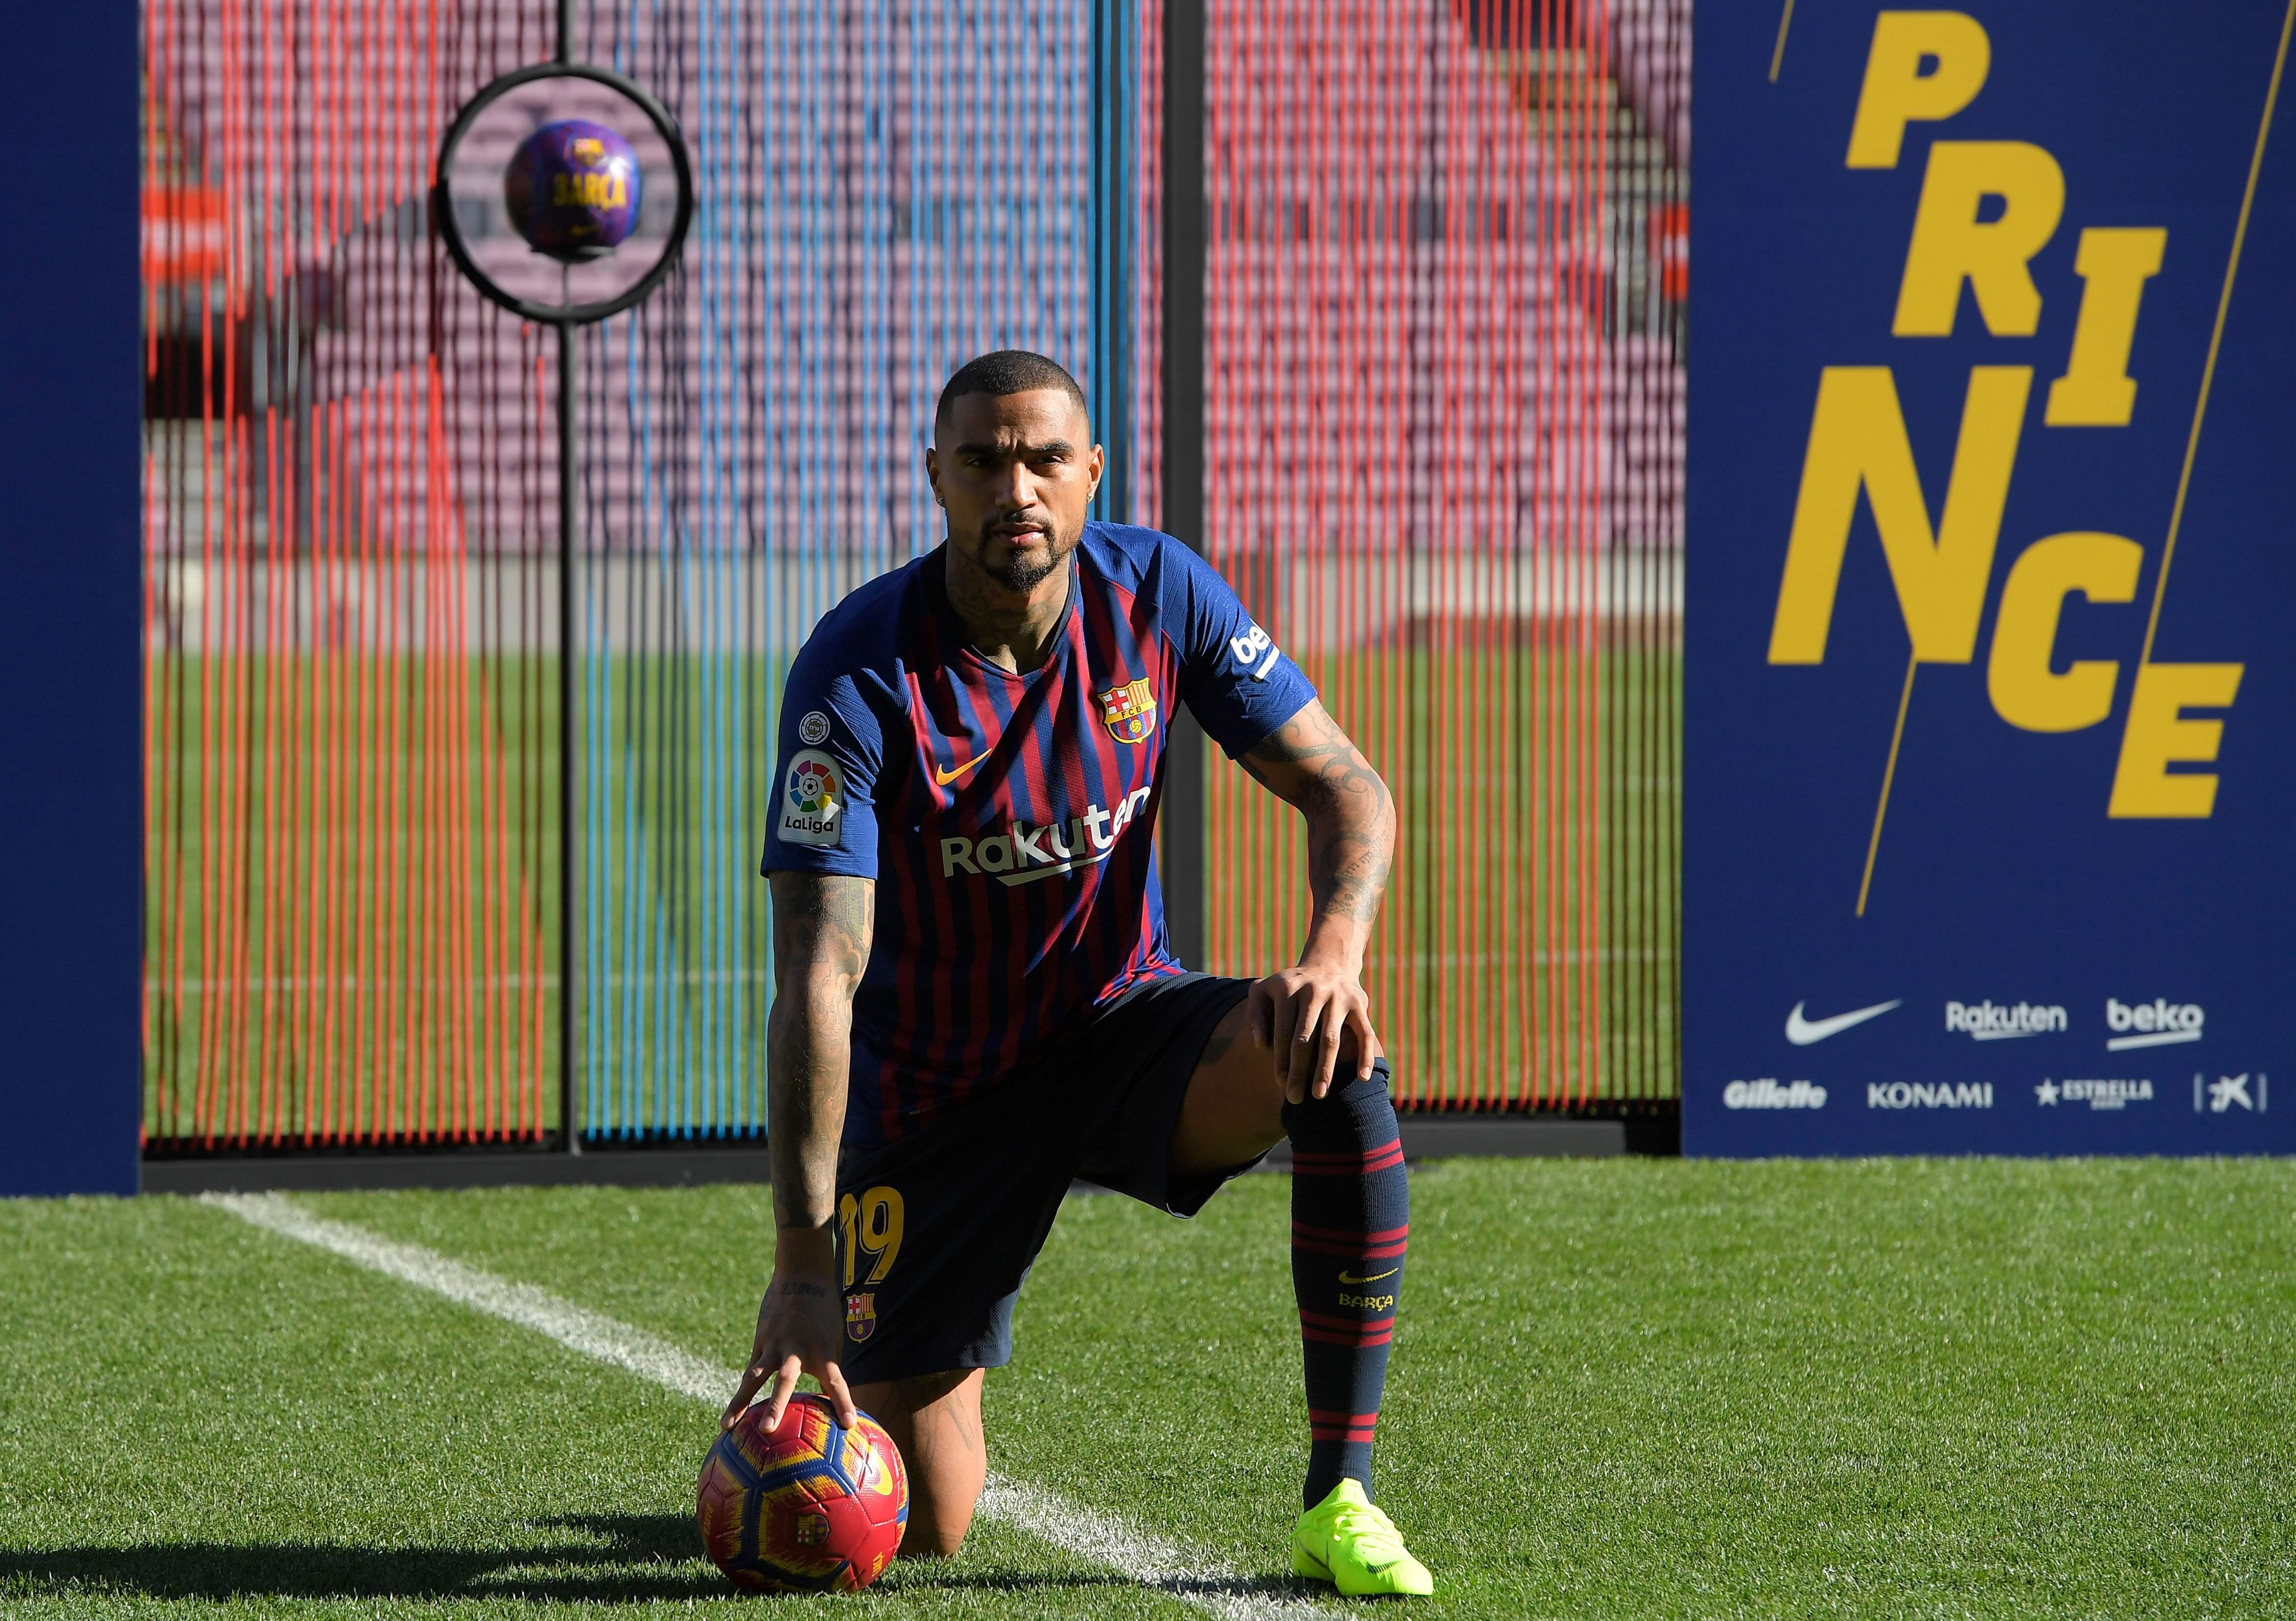 Boateng está listo y emocionado por esta nueva etapa en su carrera. (Foto Prensa Libre: AFP)